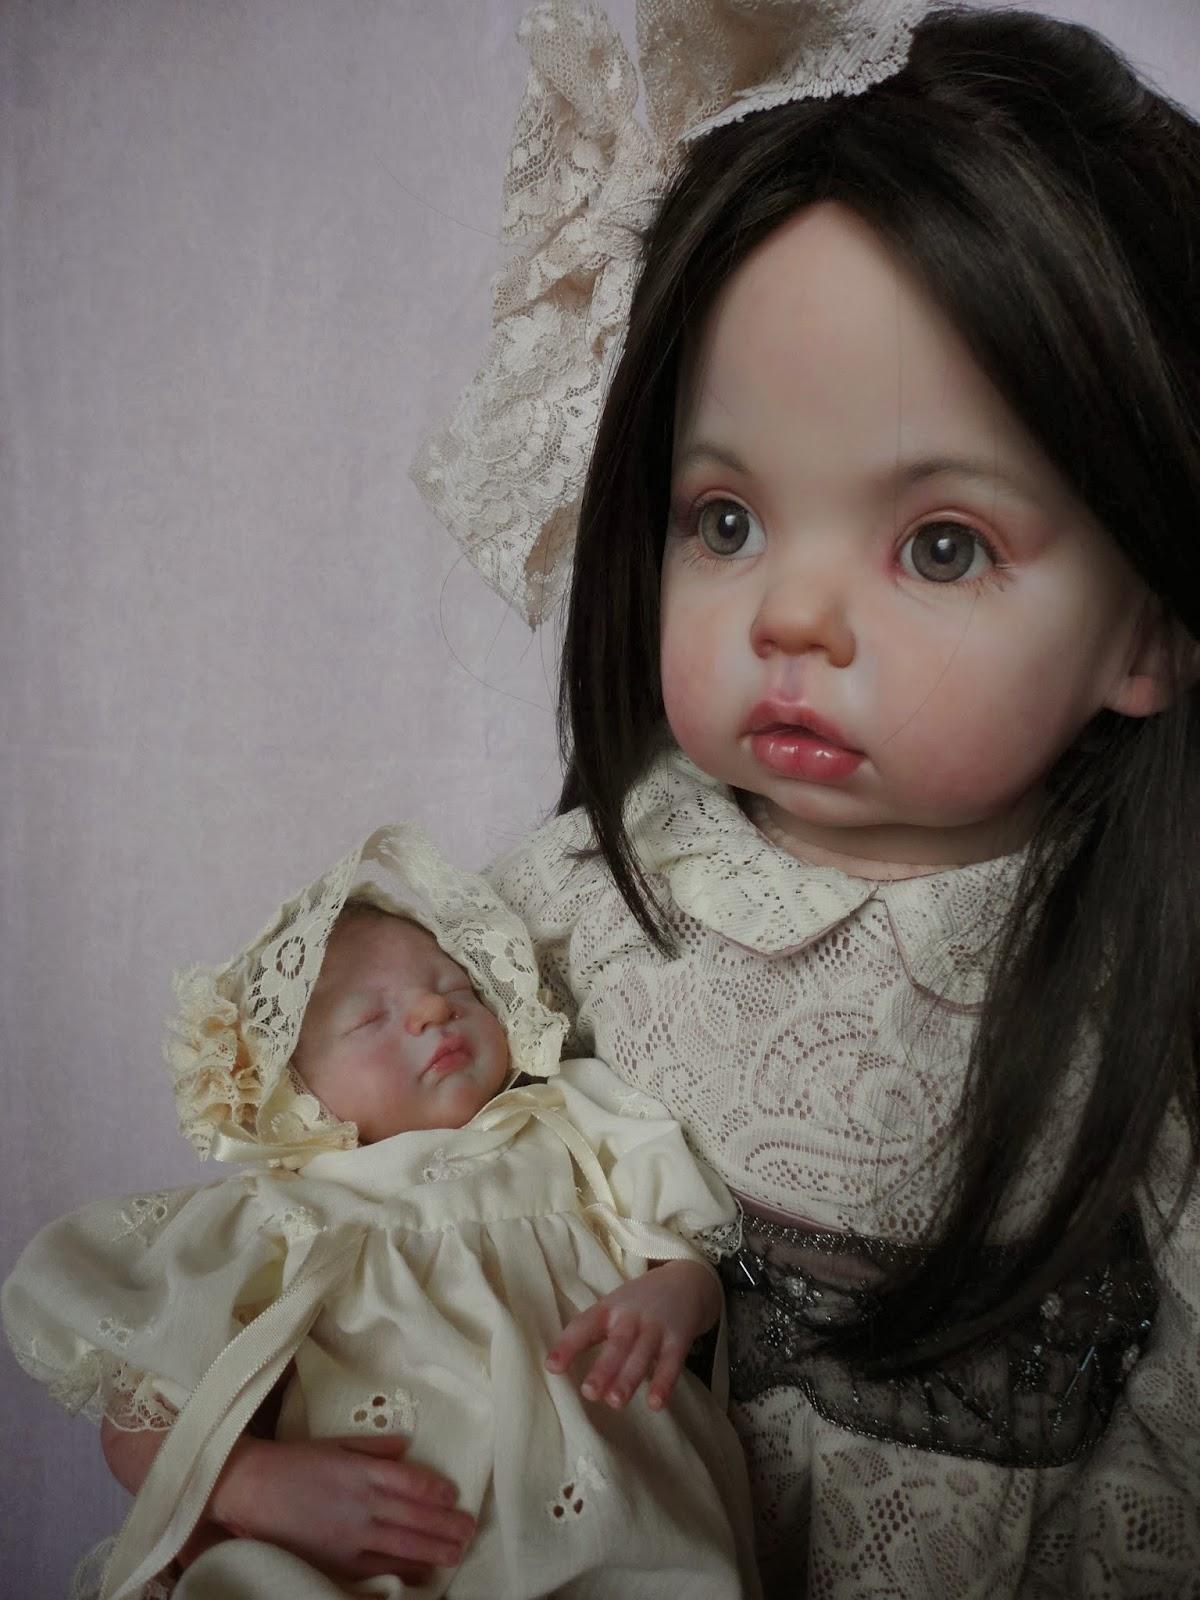 Anya S Originals Reborns And Ooak Art Dolls My Reborn